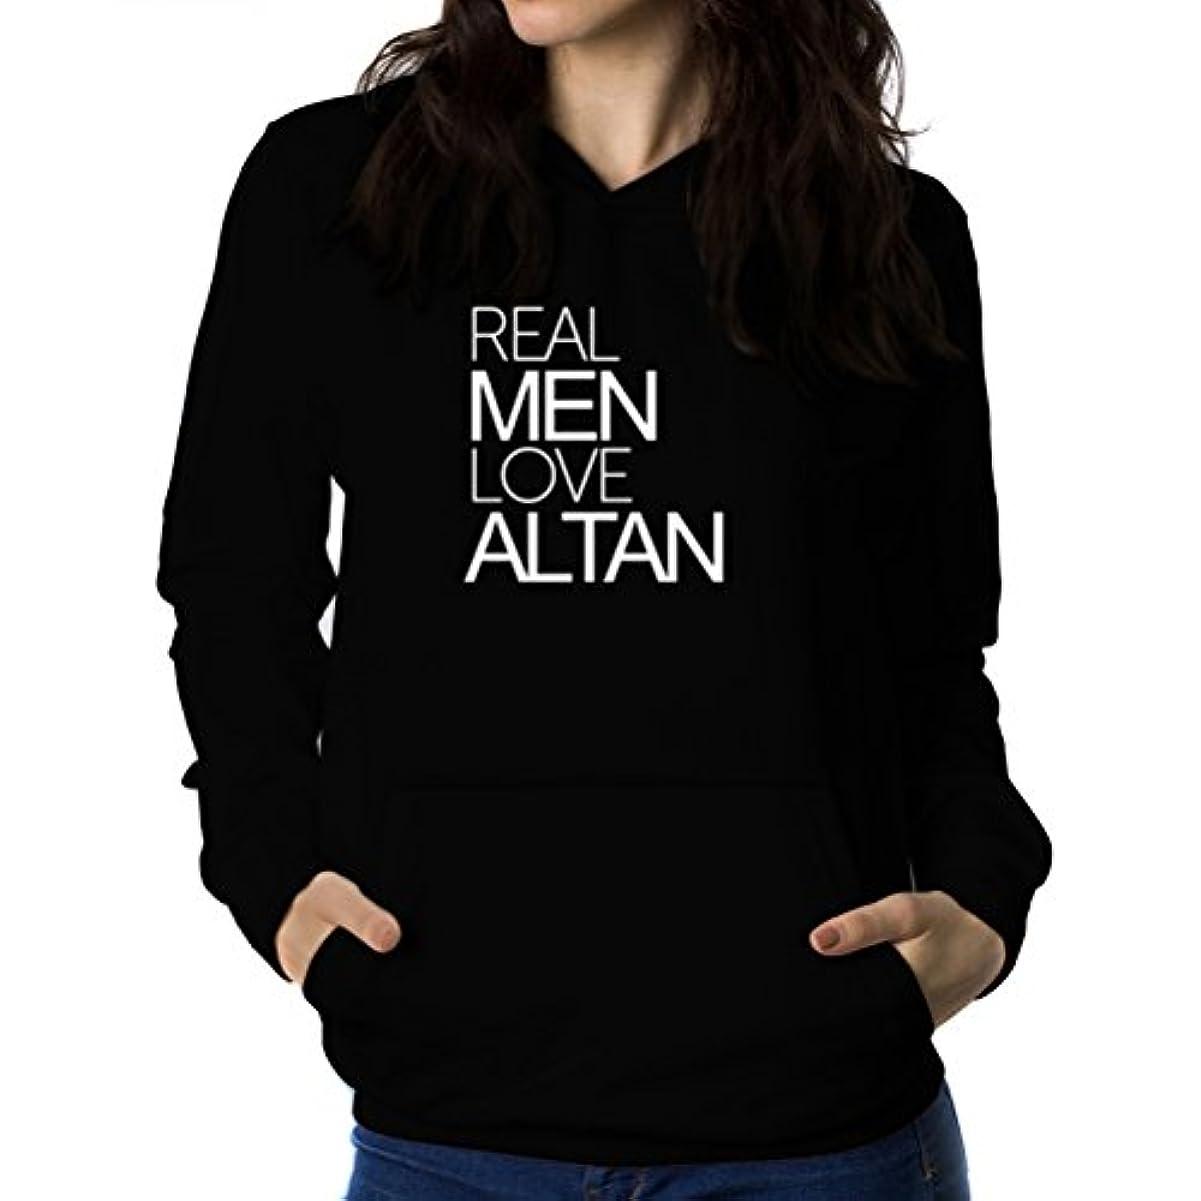 列車うん強化Real men love Altan 女性 フーディー